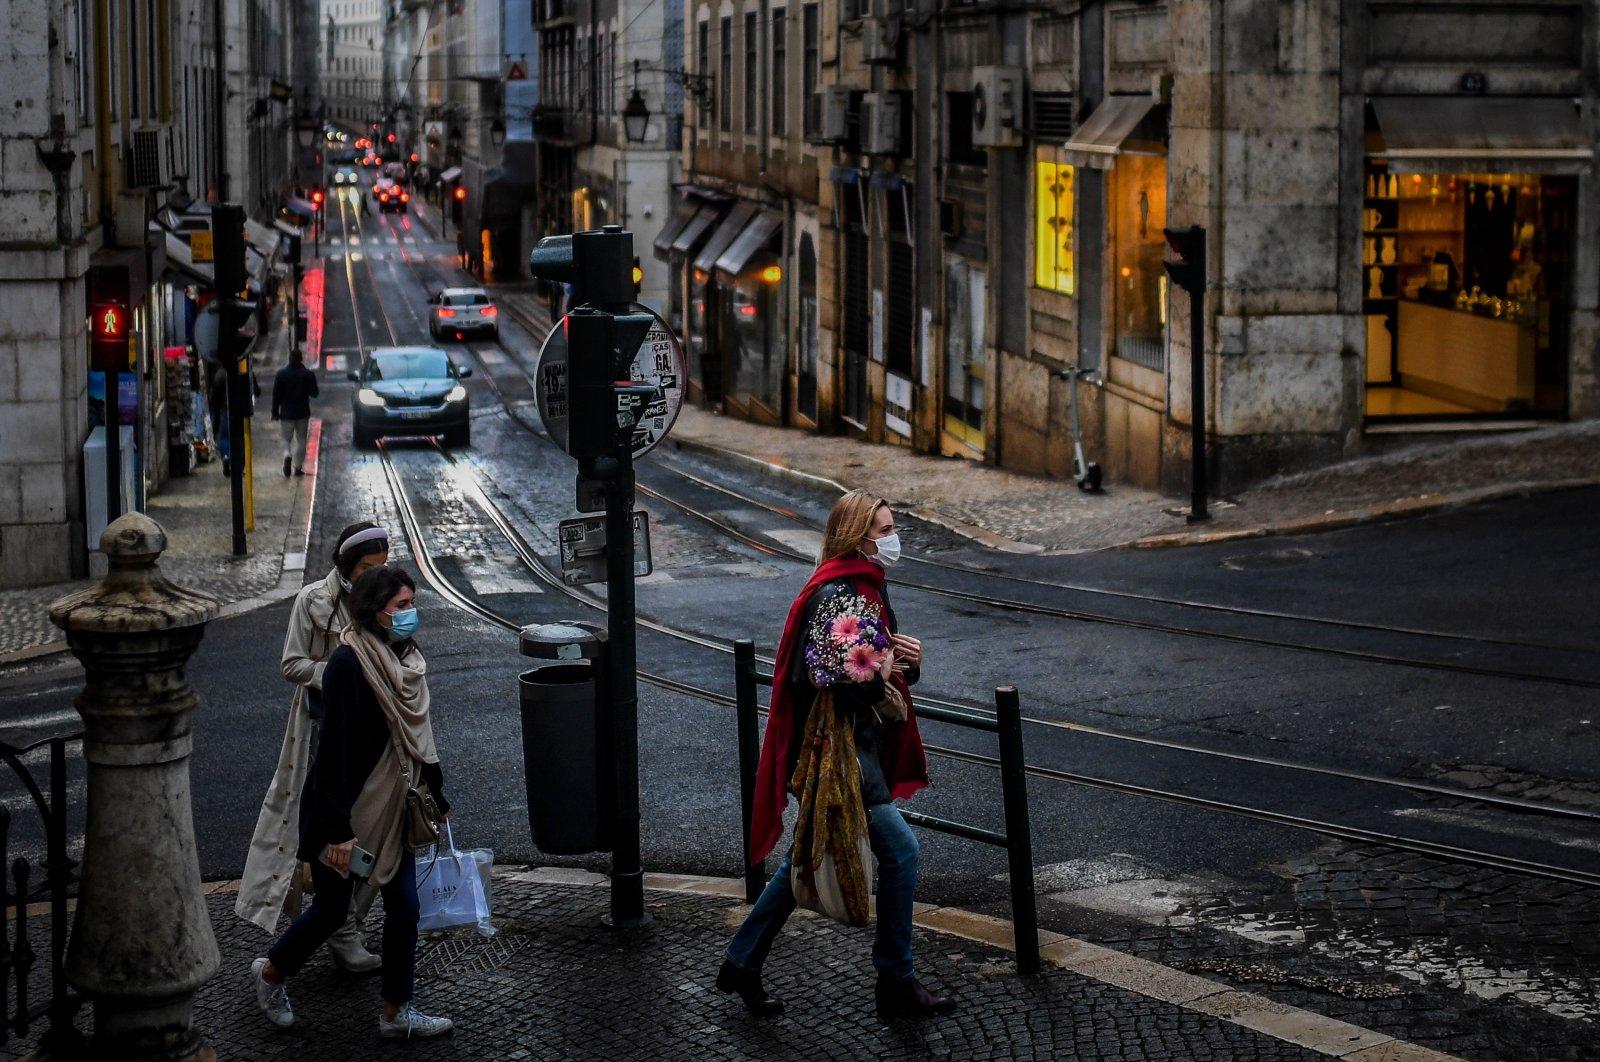 Women wearing masks cross a street in downtown Lisbon on Nov. 7, 2020. (AFP)